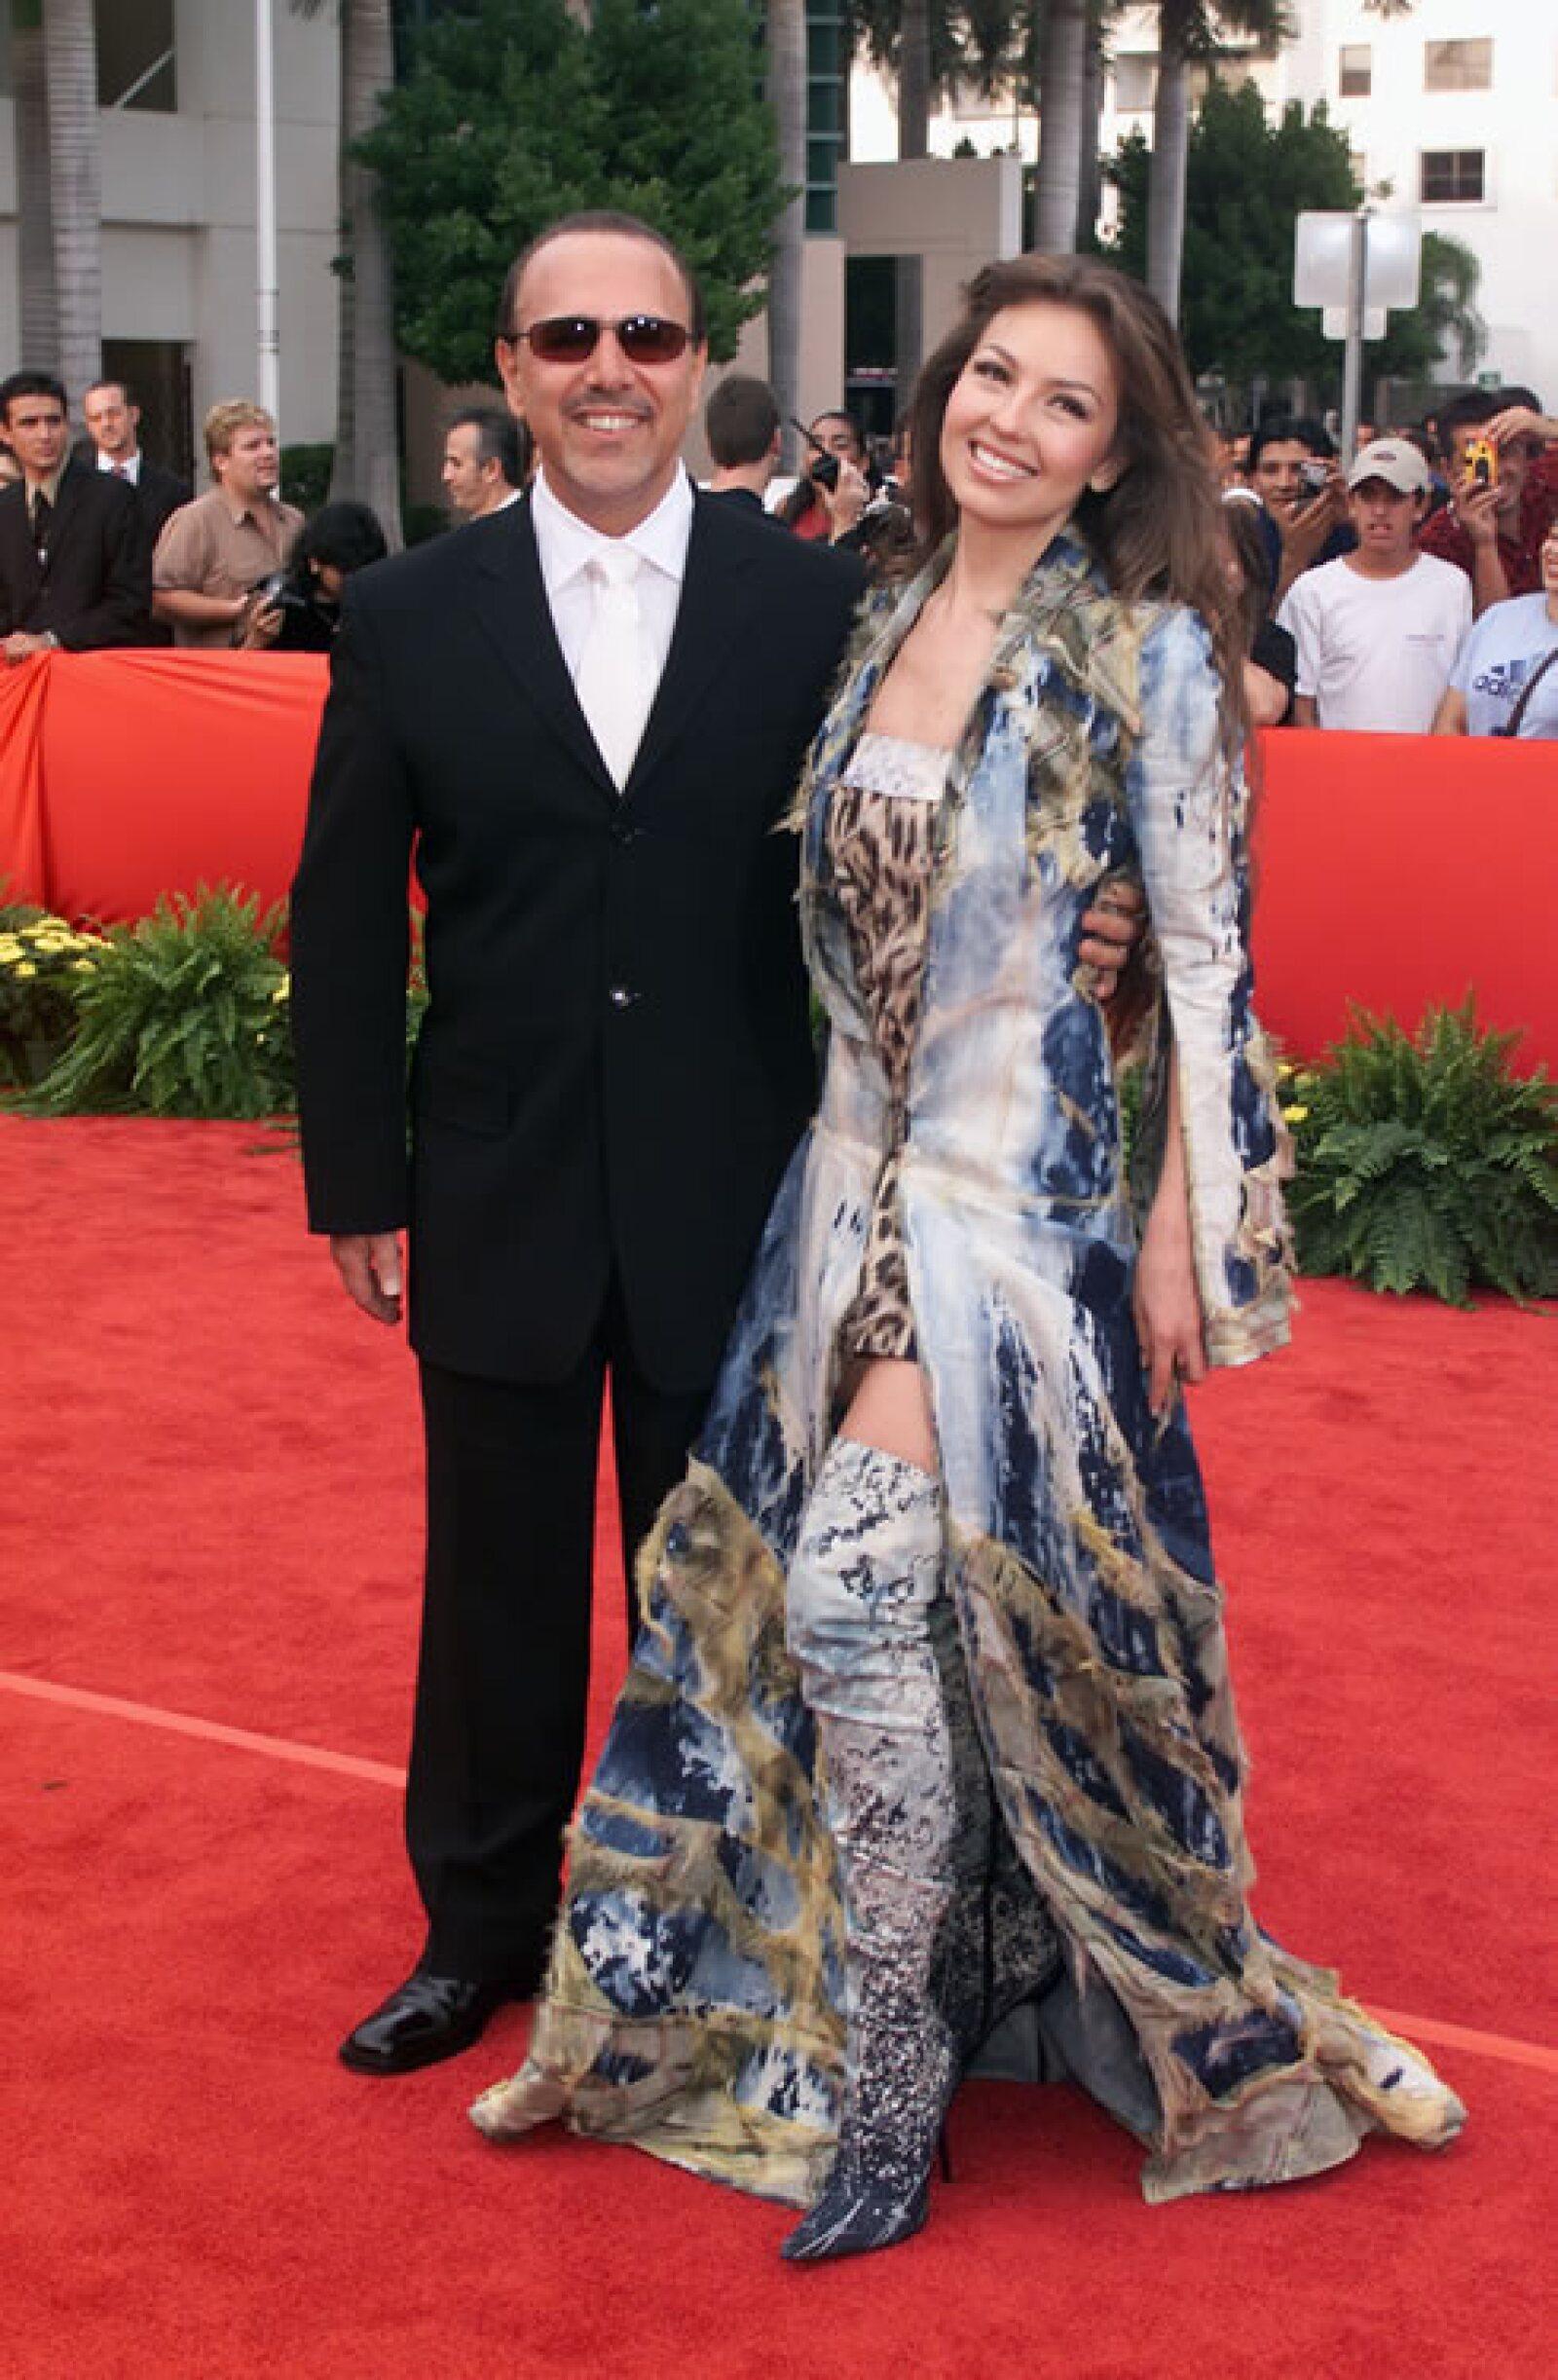 Luego de siete años de matrimonio la pareja dio el anuncio de que serían padres, lo que significaba el primero para Thalía y el tercero para Tommy.